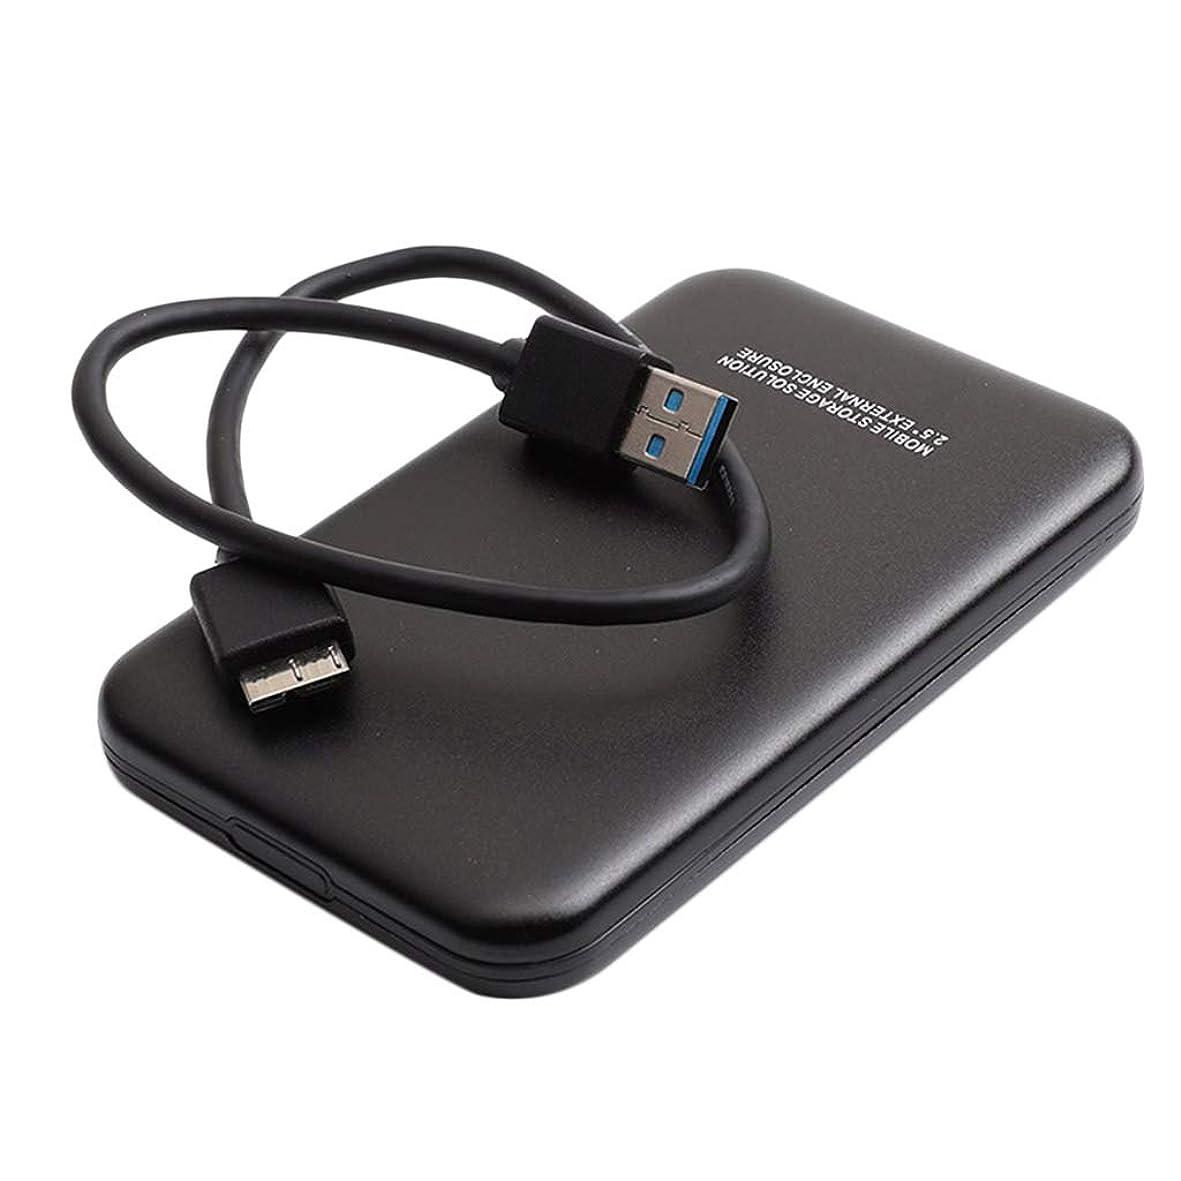 承認ブレース保持2.5インチ SATA USB 3.0 外付ハードディスク HDDエンクロージャー 超高速 ブラック - 1T